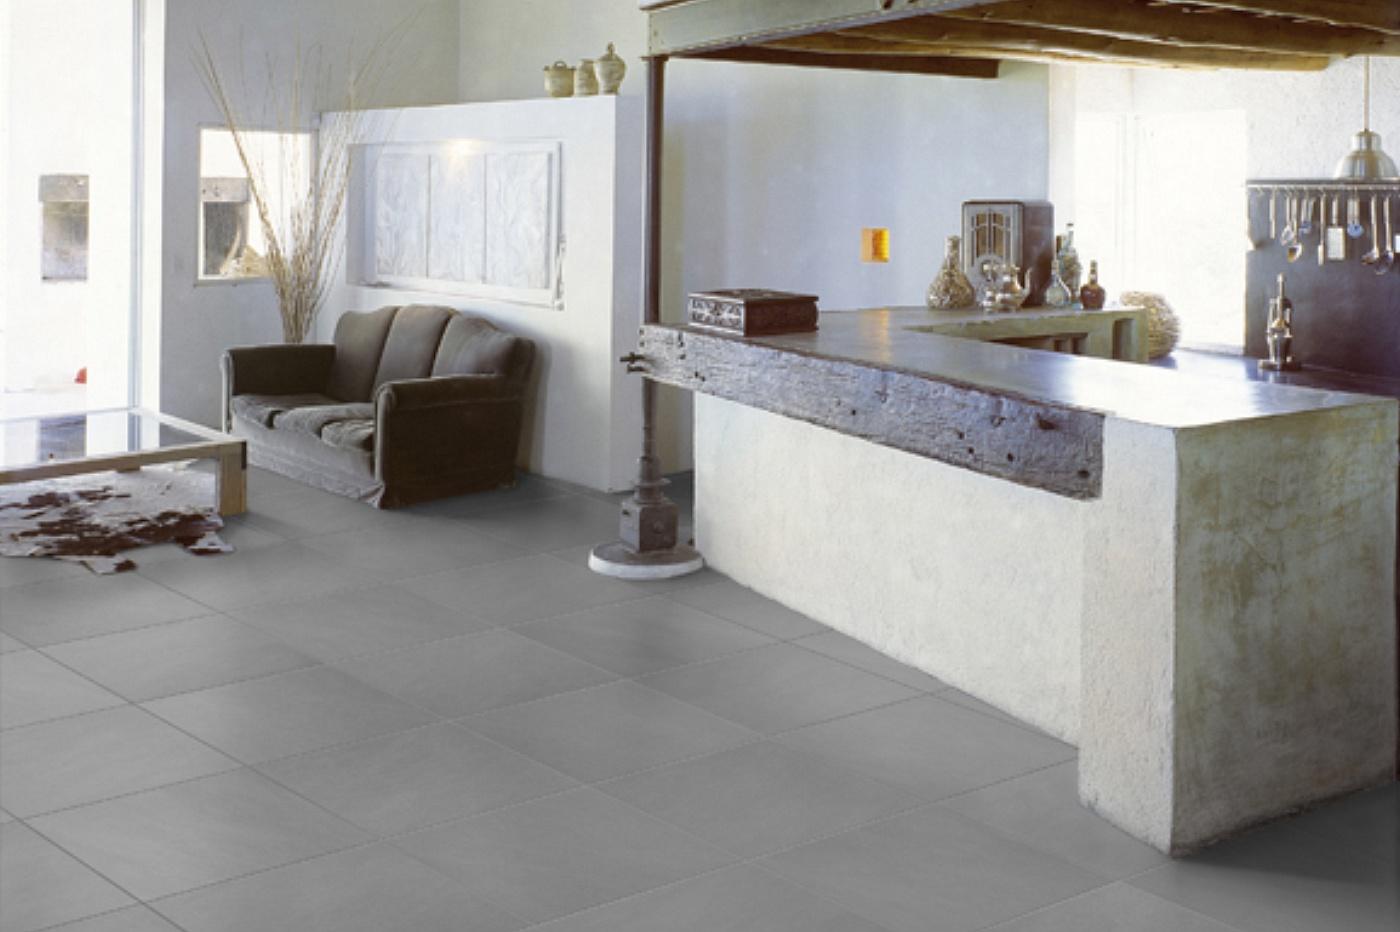 ceramiche sassuolo sm di sacchi marco - gres porcellanato moderno ... - Gres Porcellanato Cucina Moderna